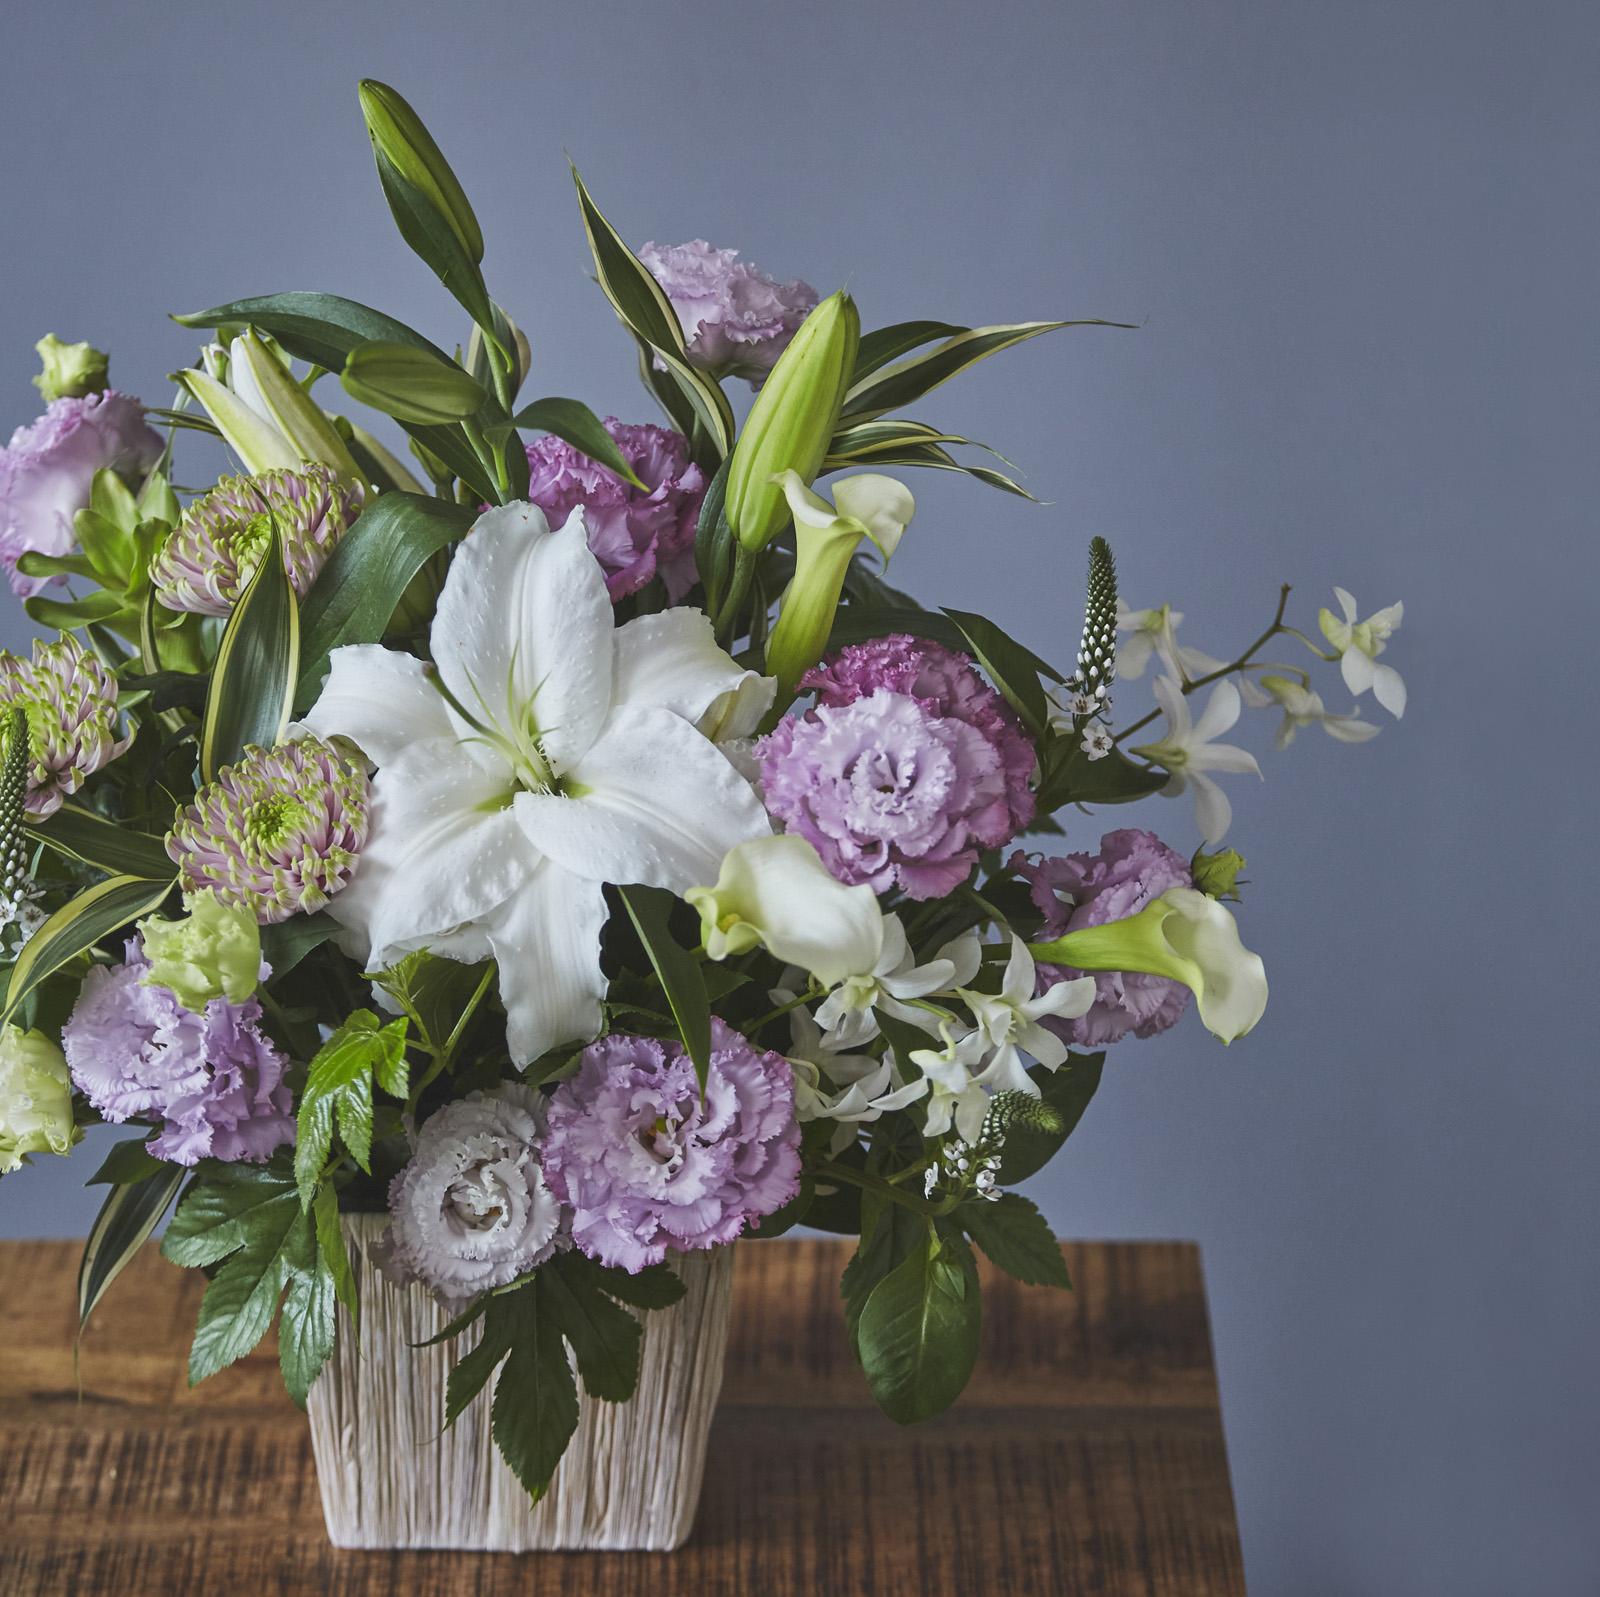 【お供え・お悔やみ生花アレンジメント】 カラー:白×ラベンダー